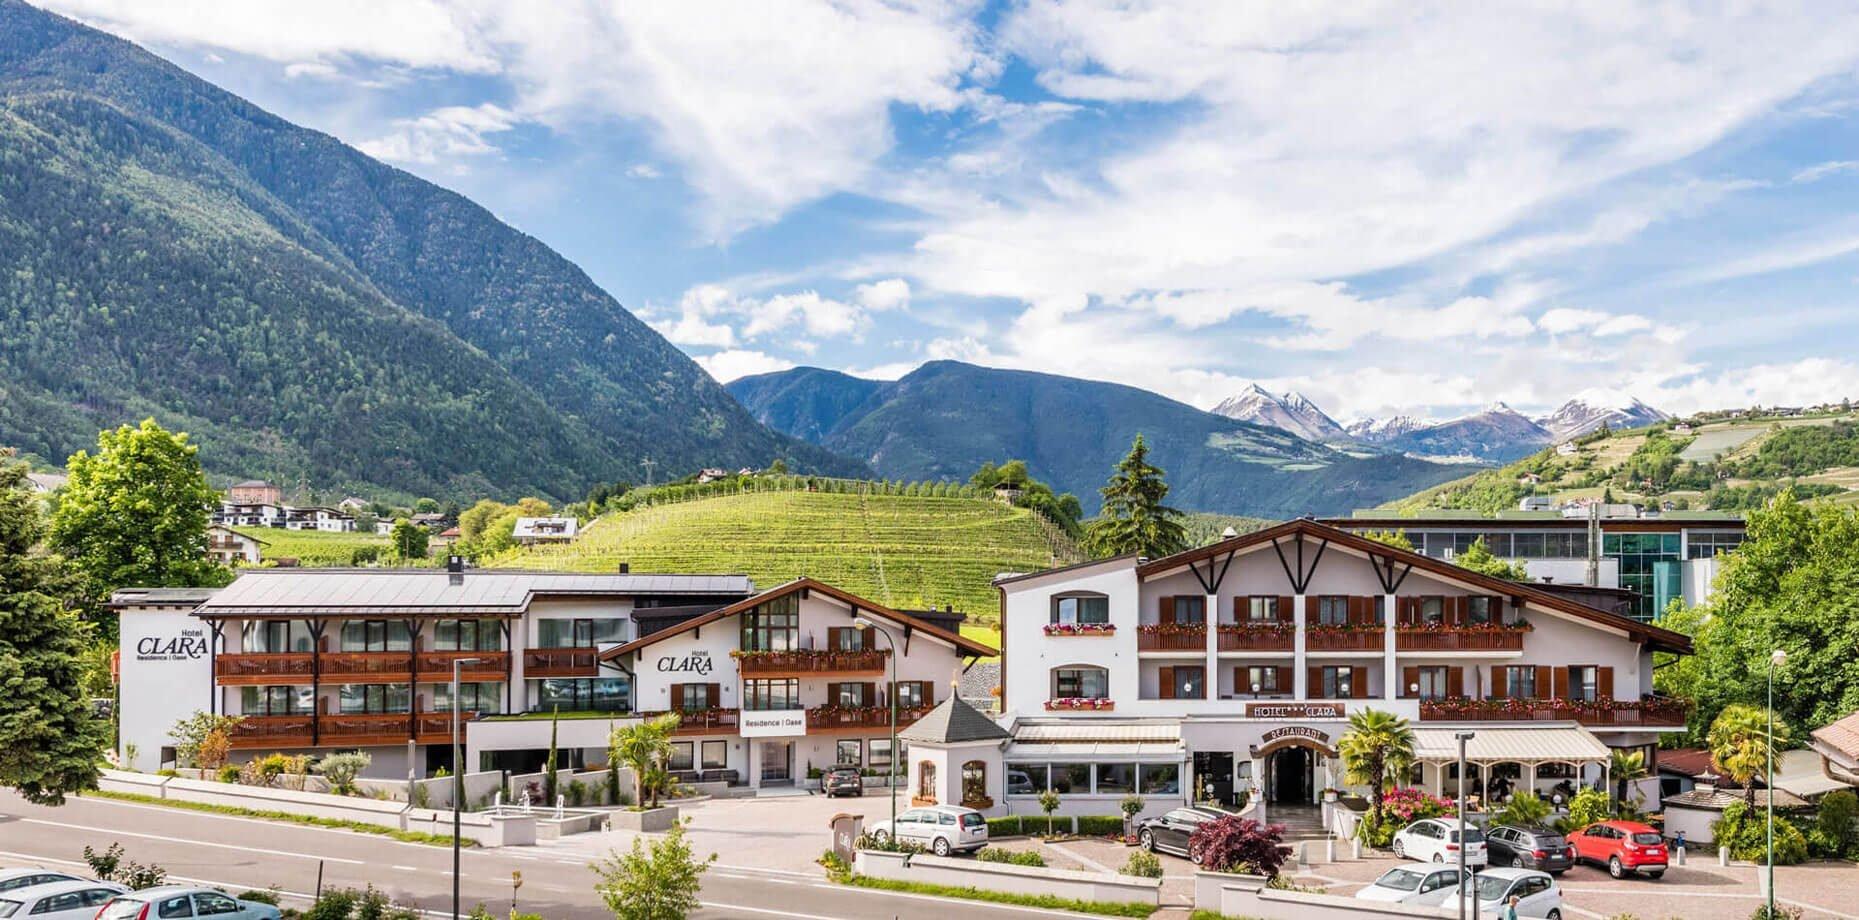 Urlaub in Vahrn bei Brixen - Südtirol